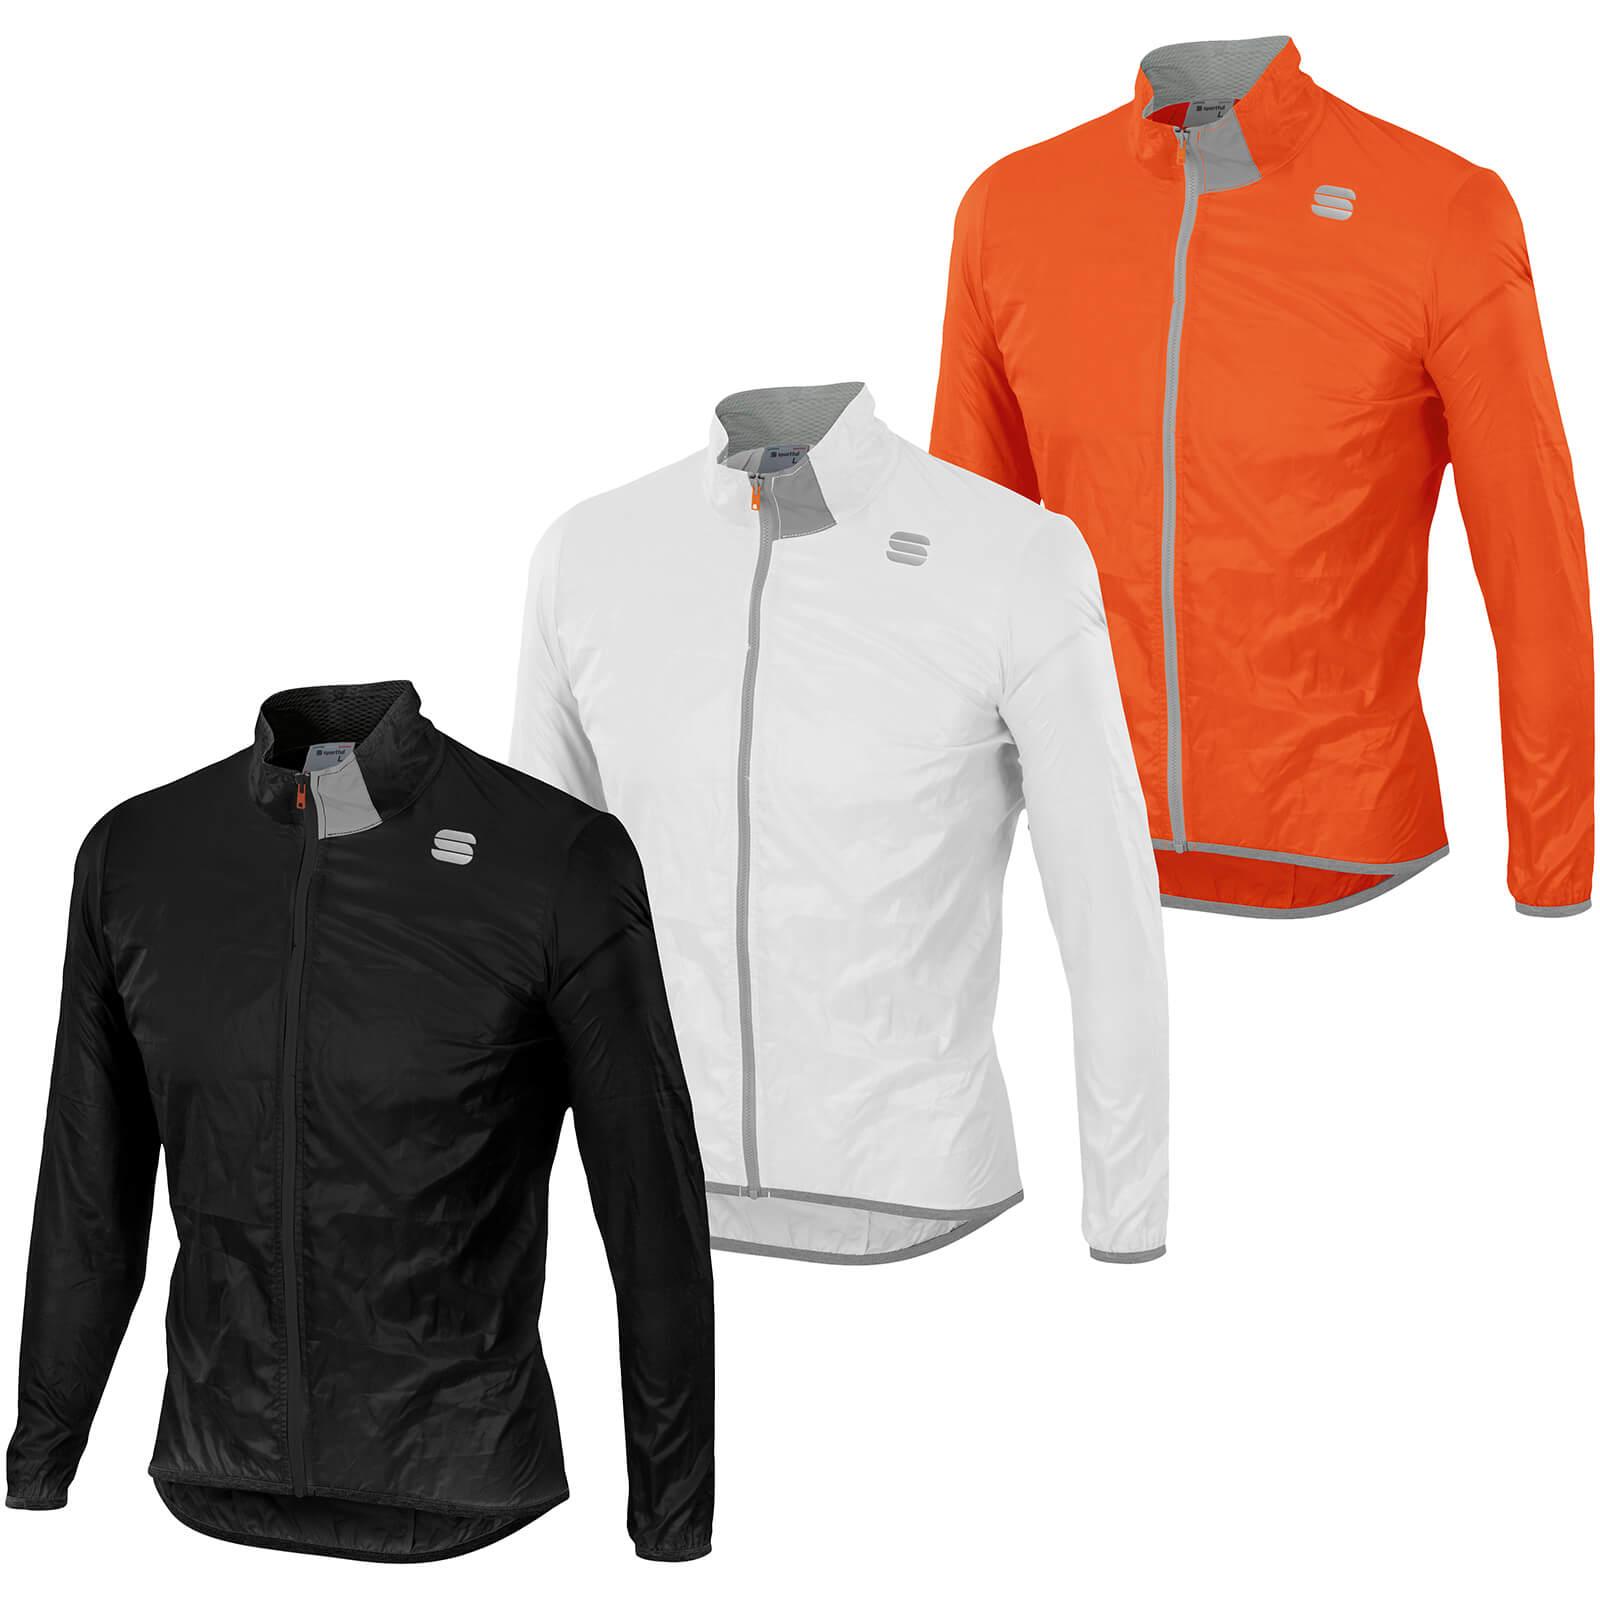 Sportful Hot Pack Easy Light Jacket - L - Black